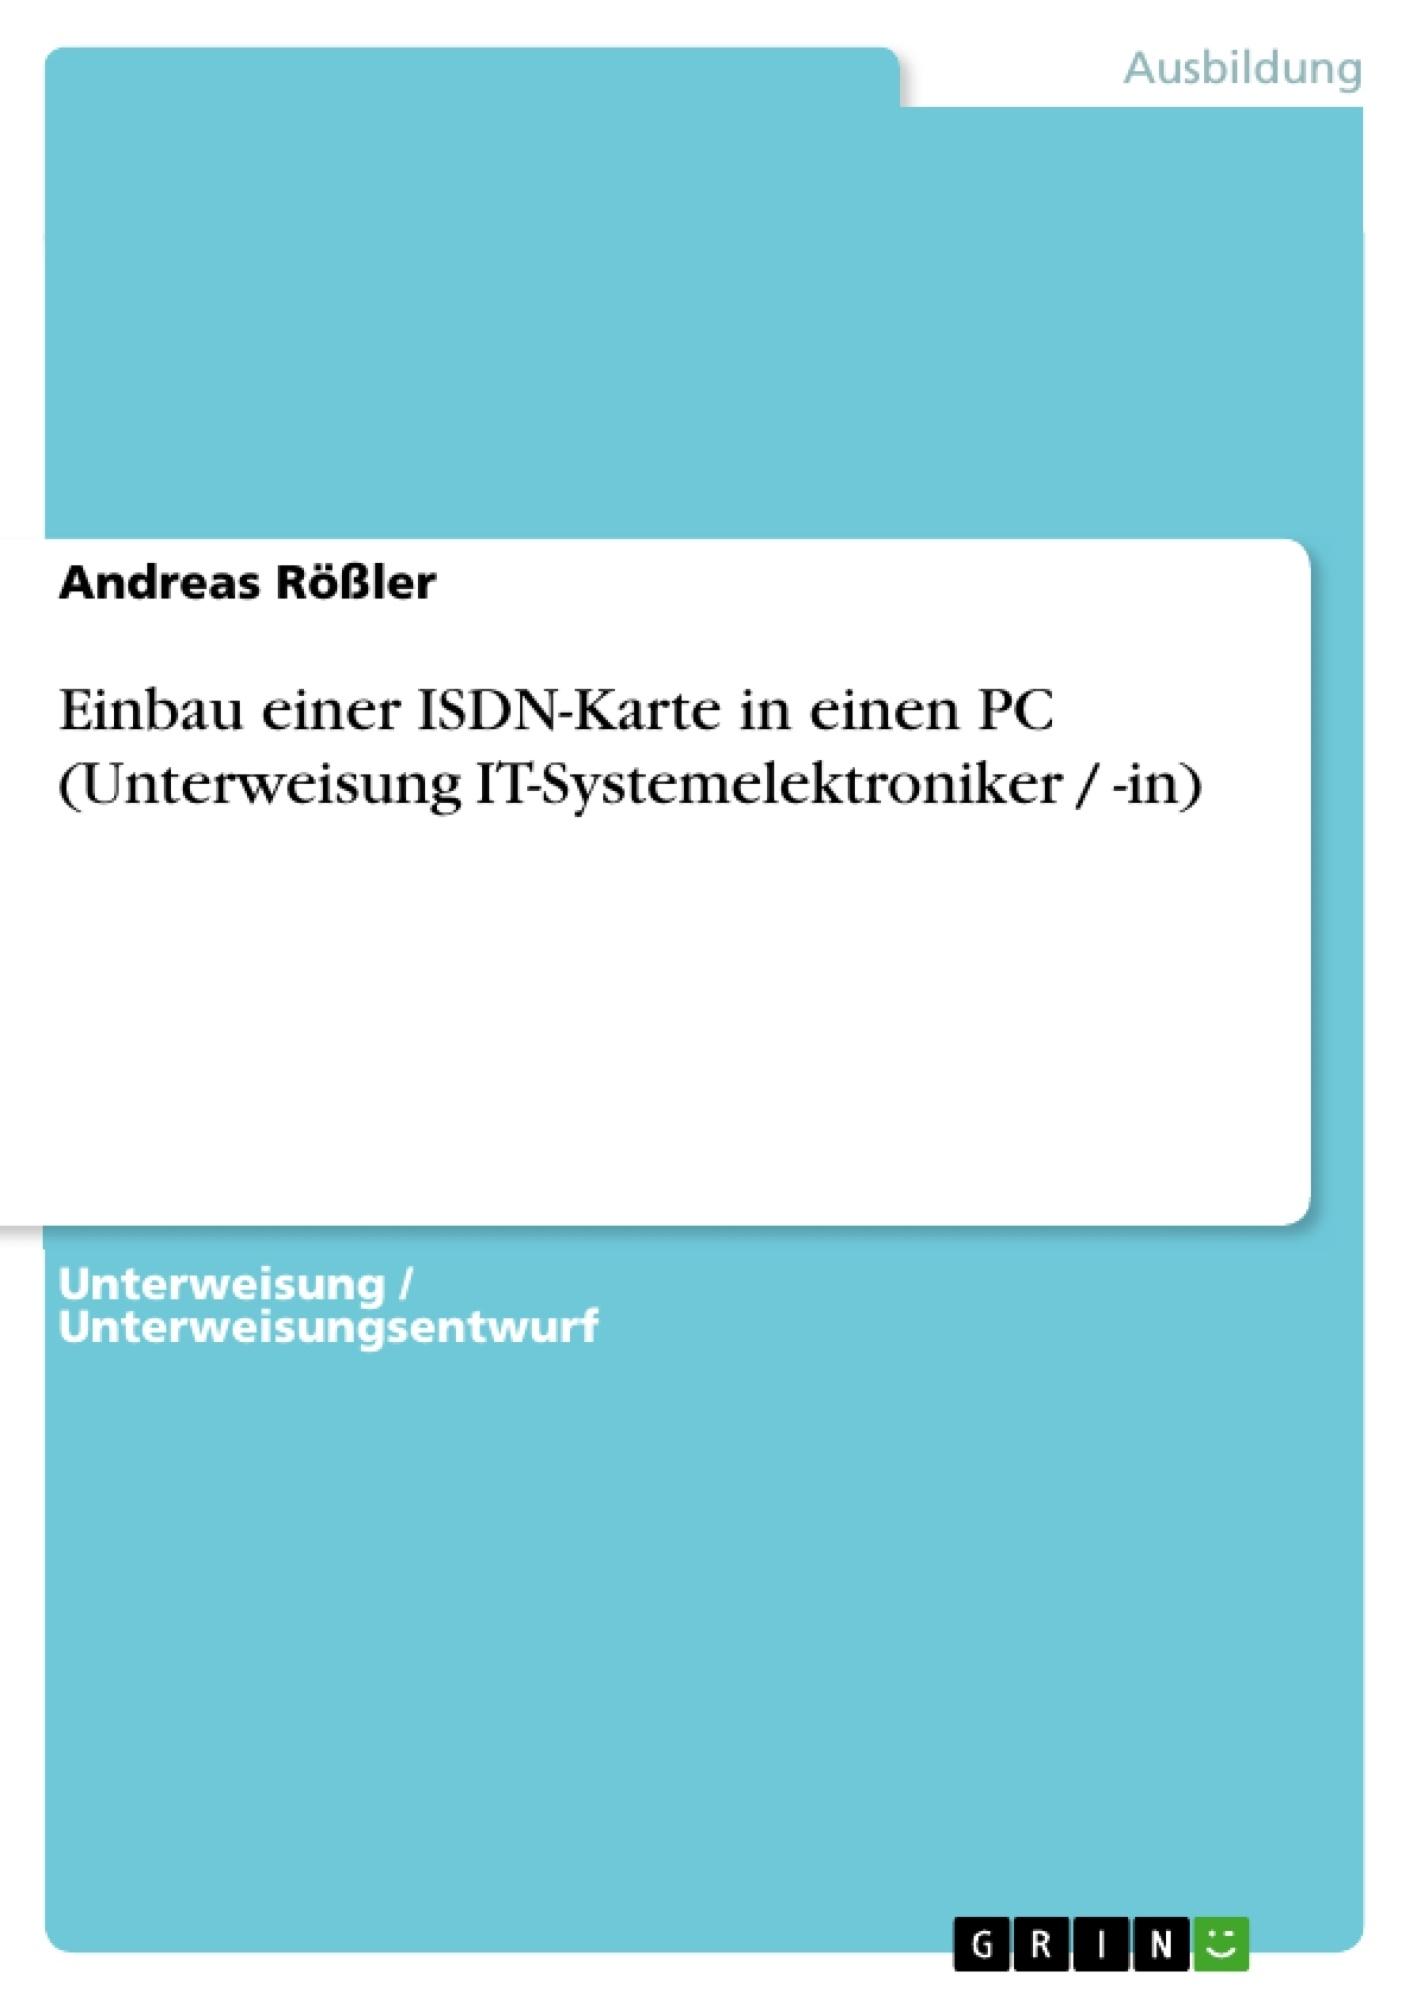 Titel: Einbau einer ISDN-Karte in einen PC (Unterweisung IT-Systemelektroniker / -in)